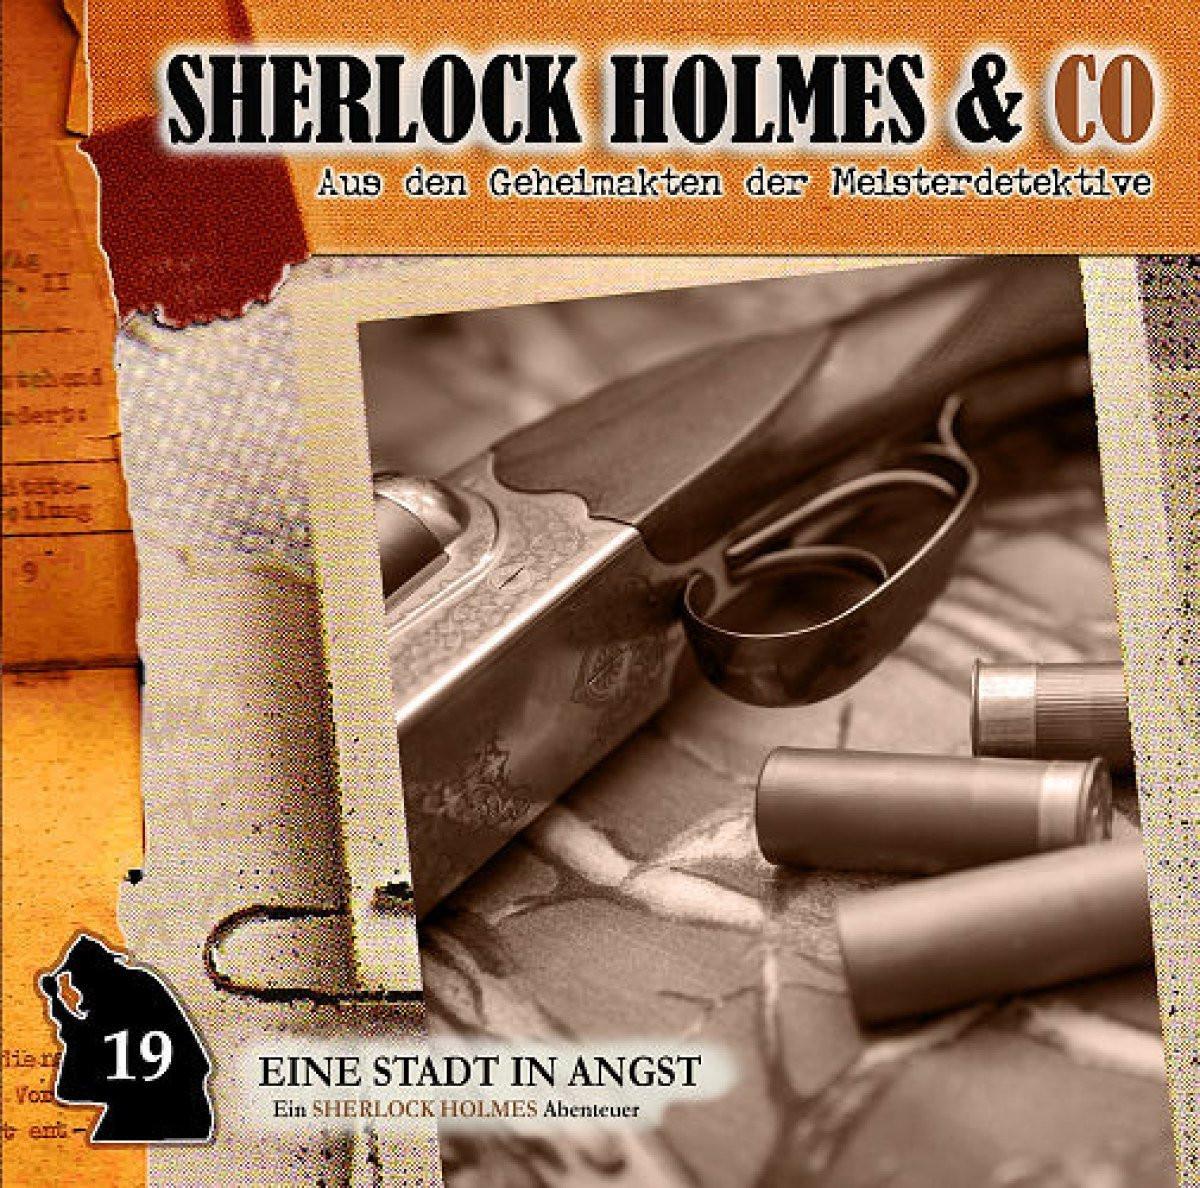 Sherlock Holmes & Co 19 - Eine Stadt in Angst